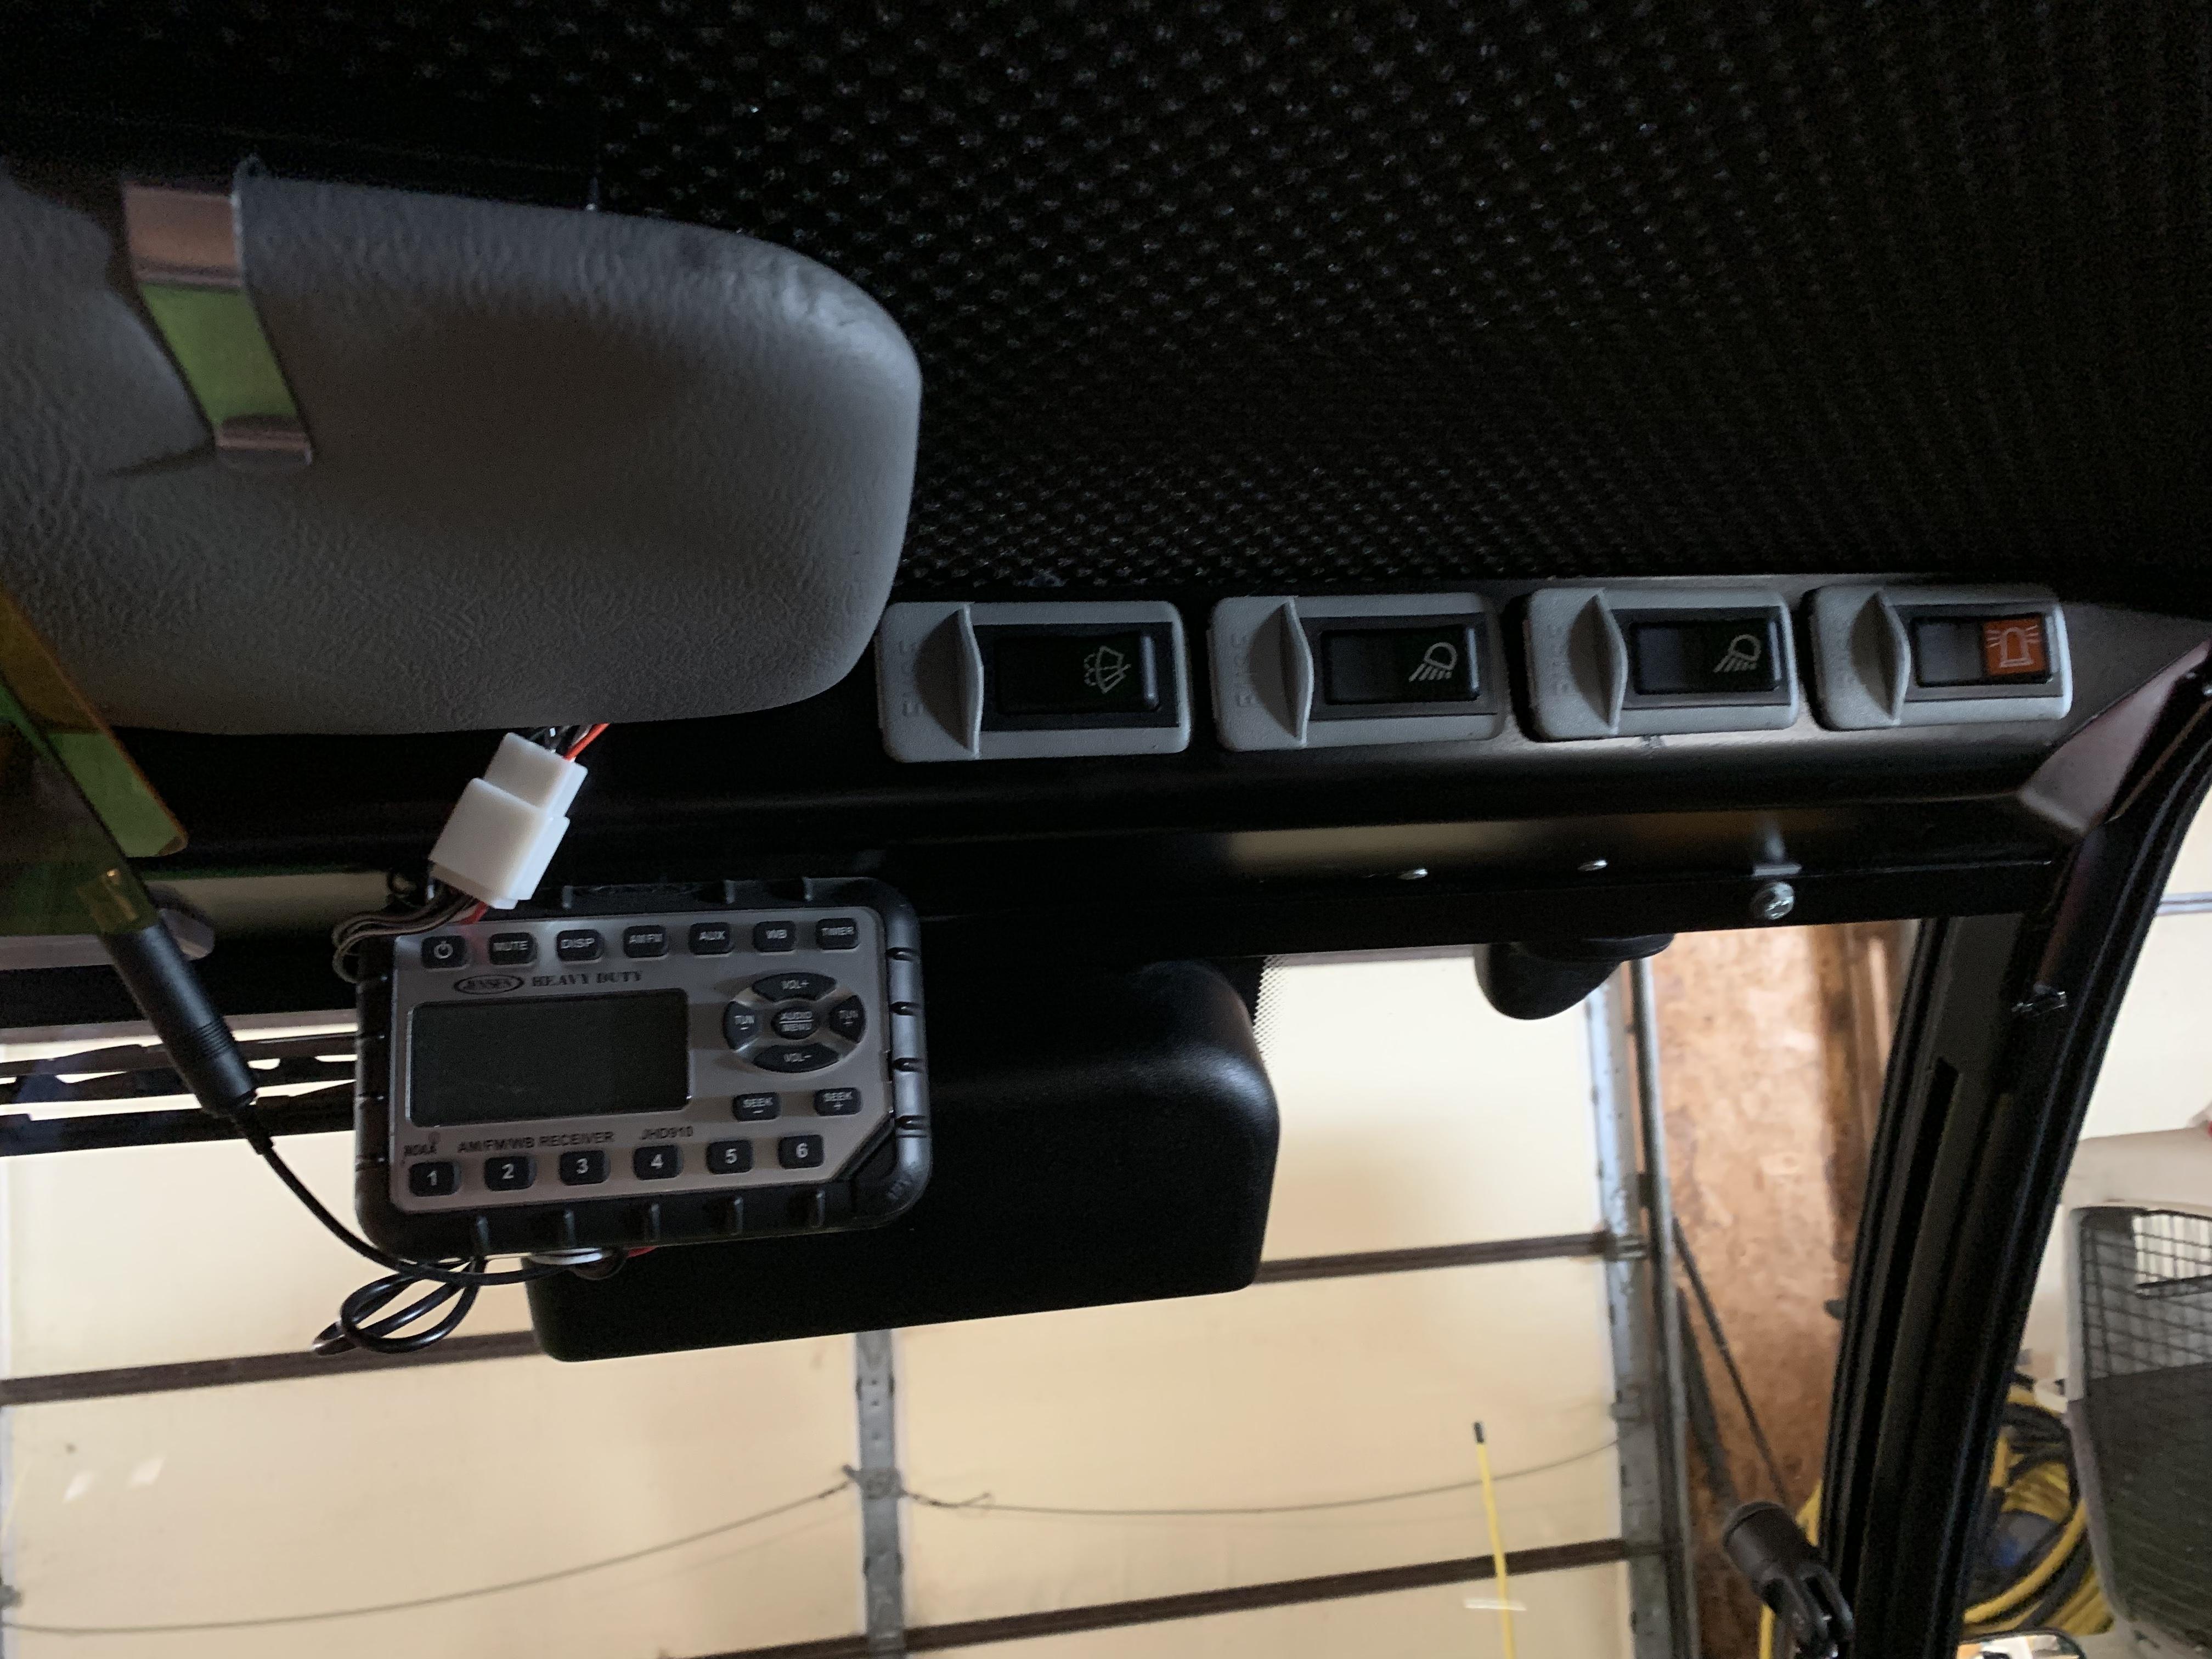 AFB9C677-03C5-407C-AD3A-A1E661EC2EE4.jpeg